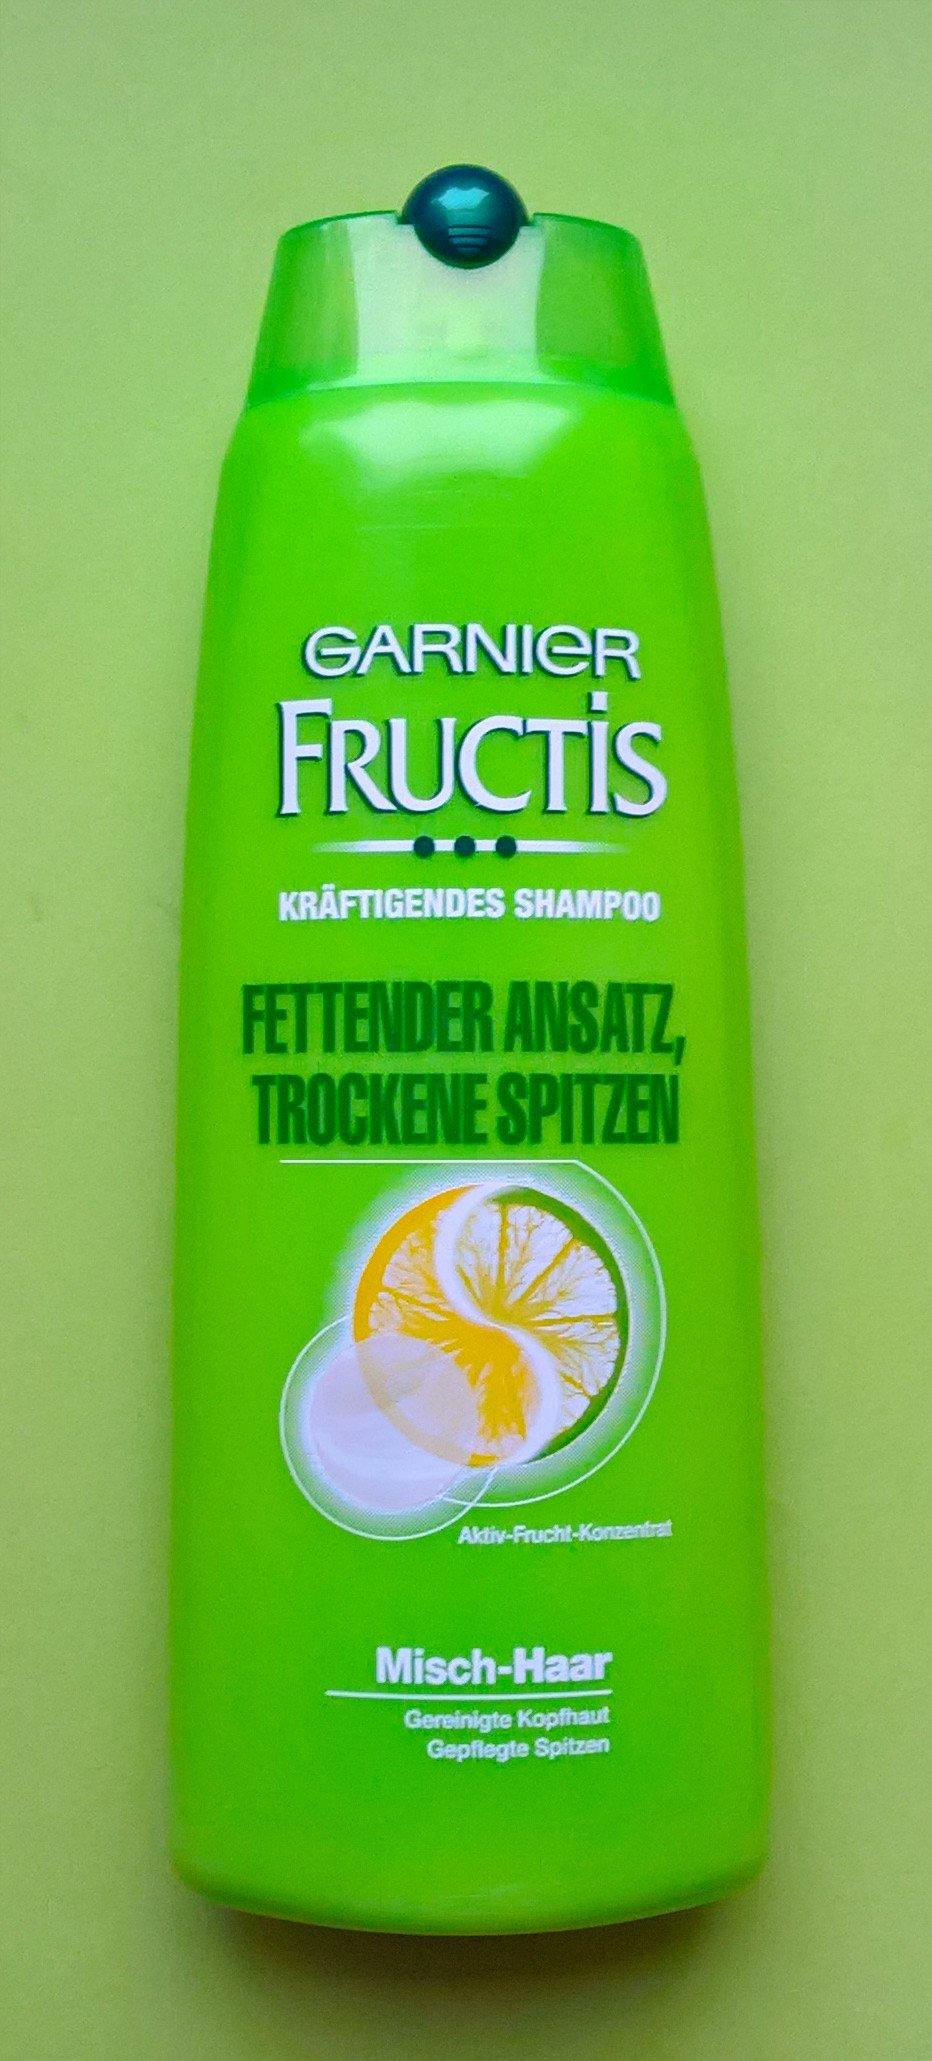 Garnier Fructis Fettender Ansatz Trockene Spitzen